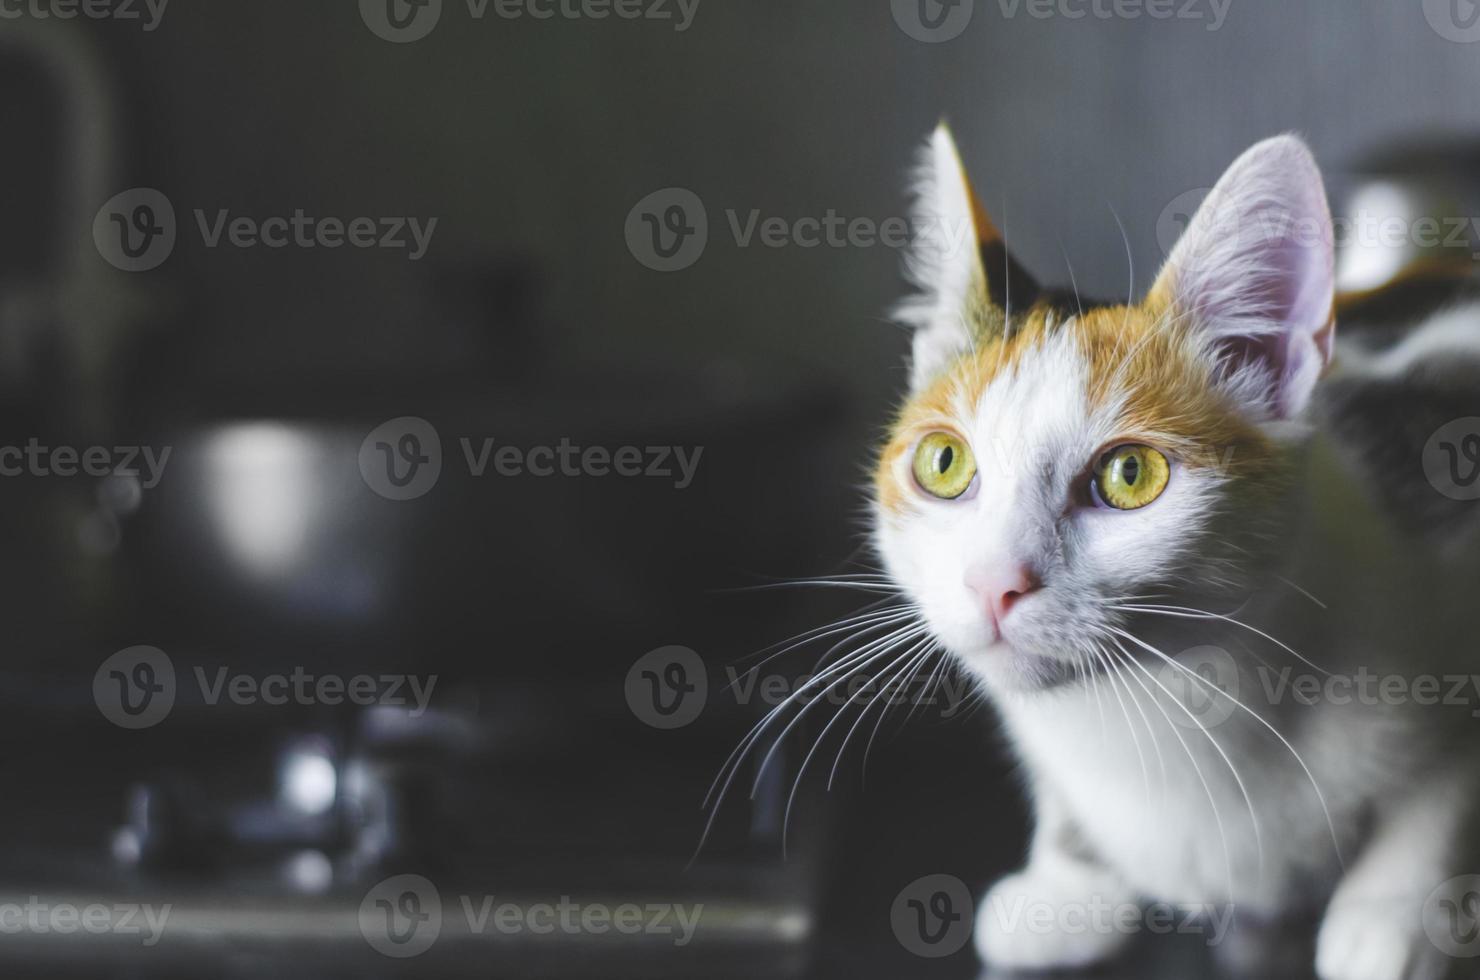 hem tricolor katt sitter på köksytan. foto